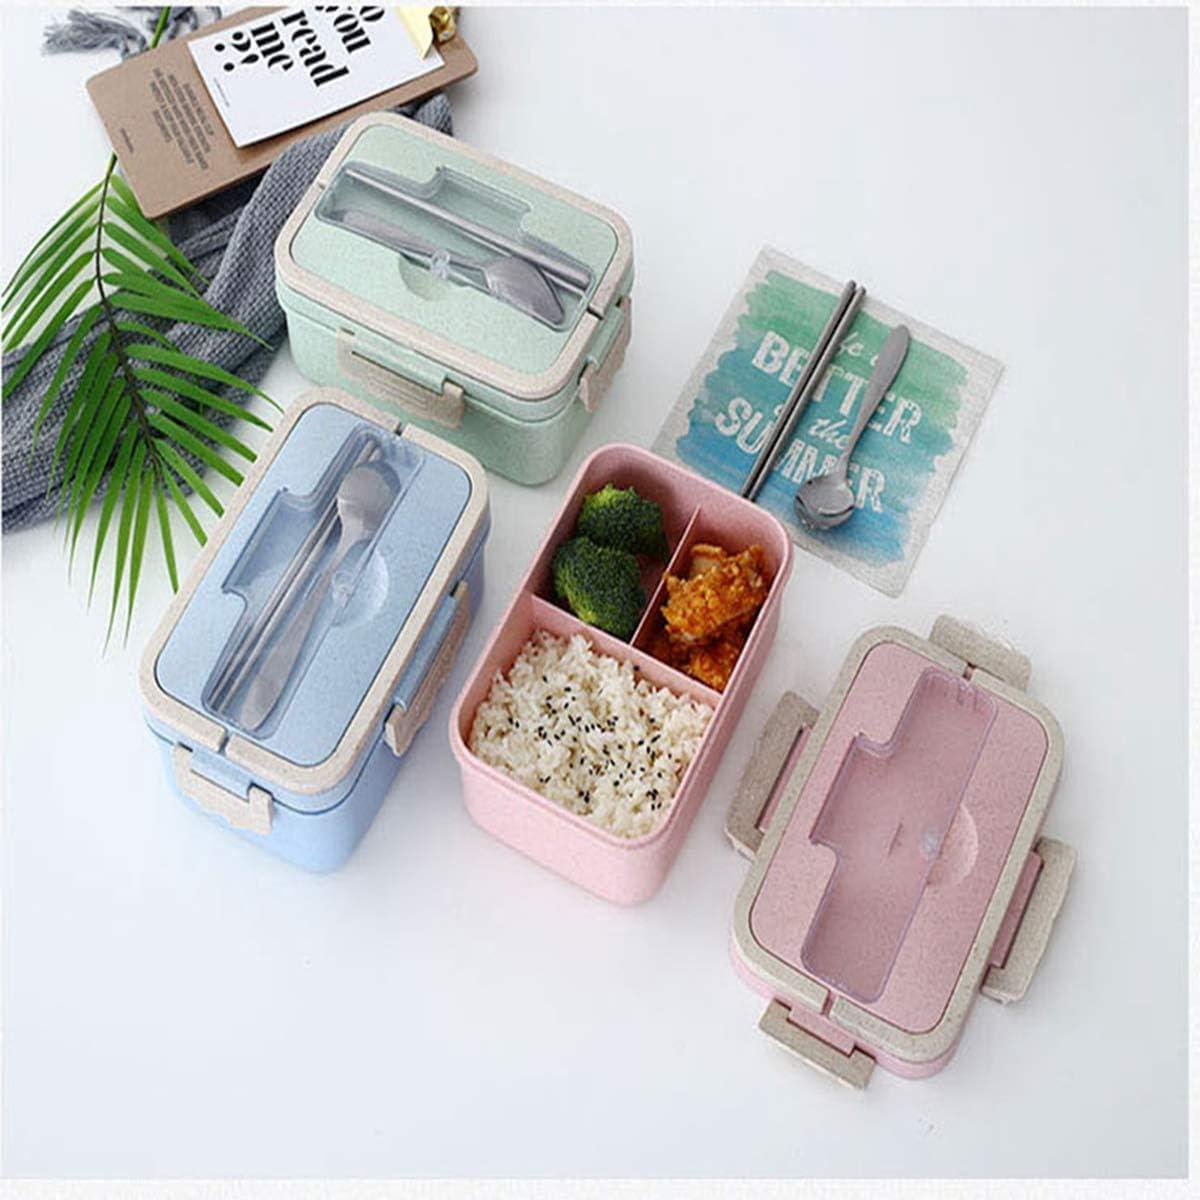 Bento Box Nat/ürliche Weizensicherheit Lunchbox rose auslaufsicher L/öffel f/ür Kinder und Erwachsene mikrowellengeeignet Lebensmittelaufbewahrungsbeh/älter mit Essst/äbchen 1000 ml